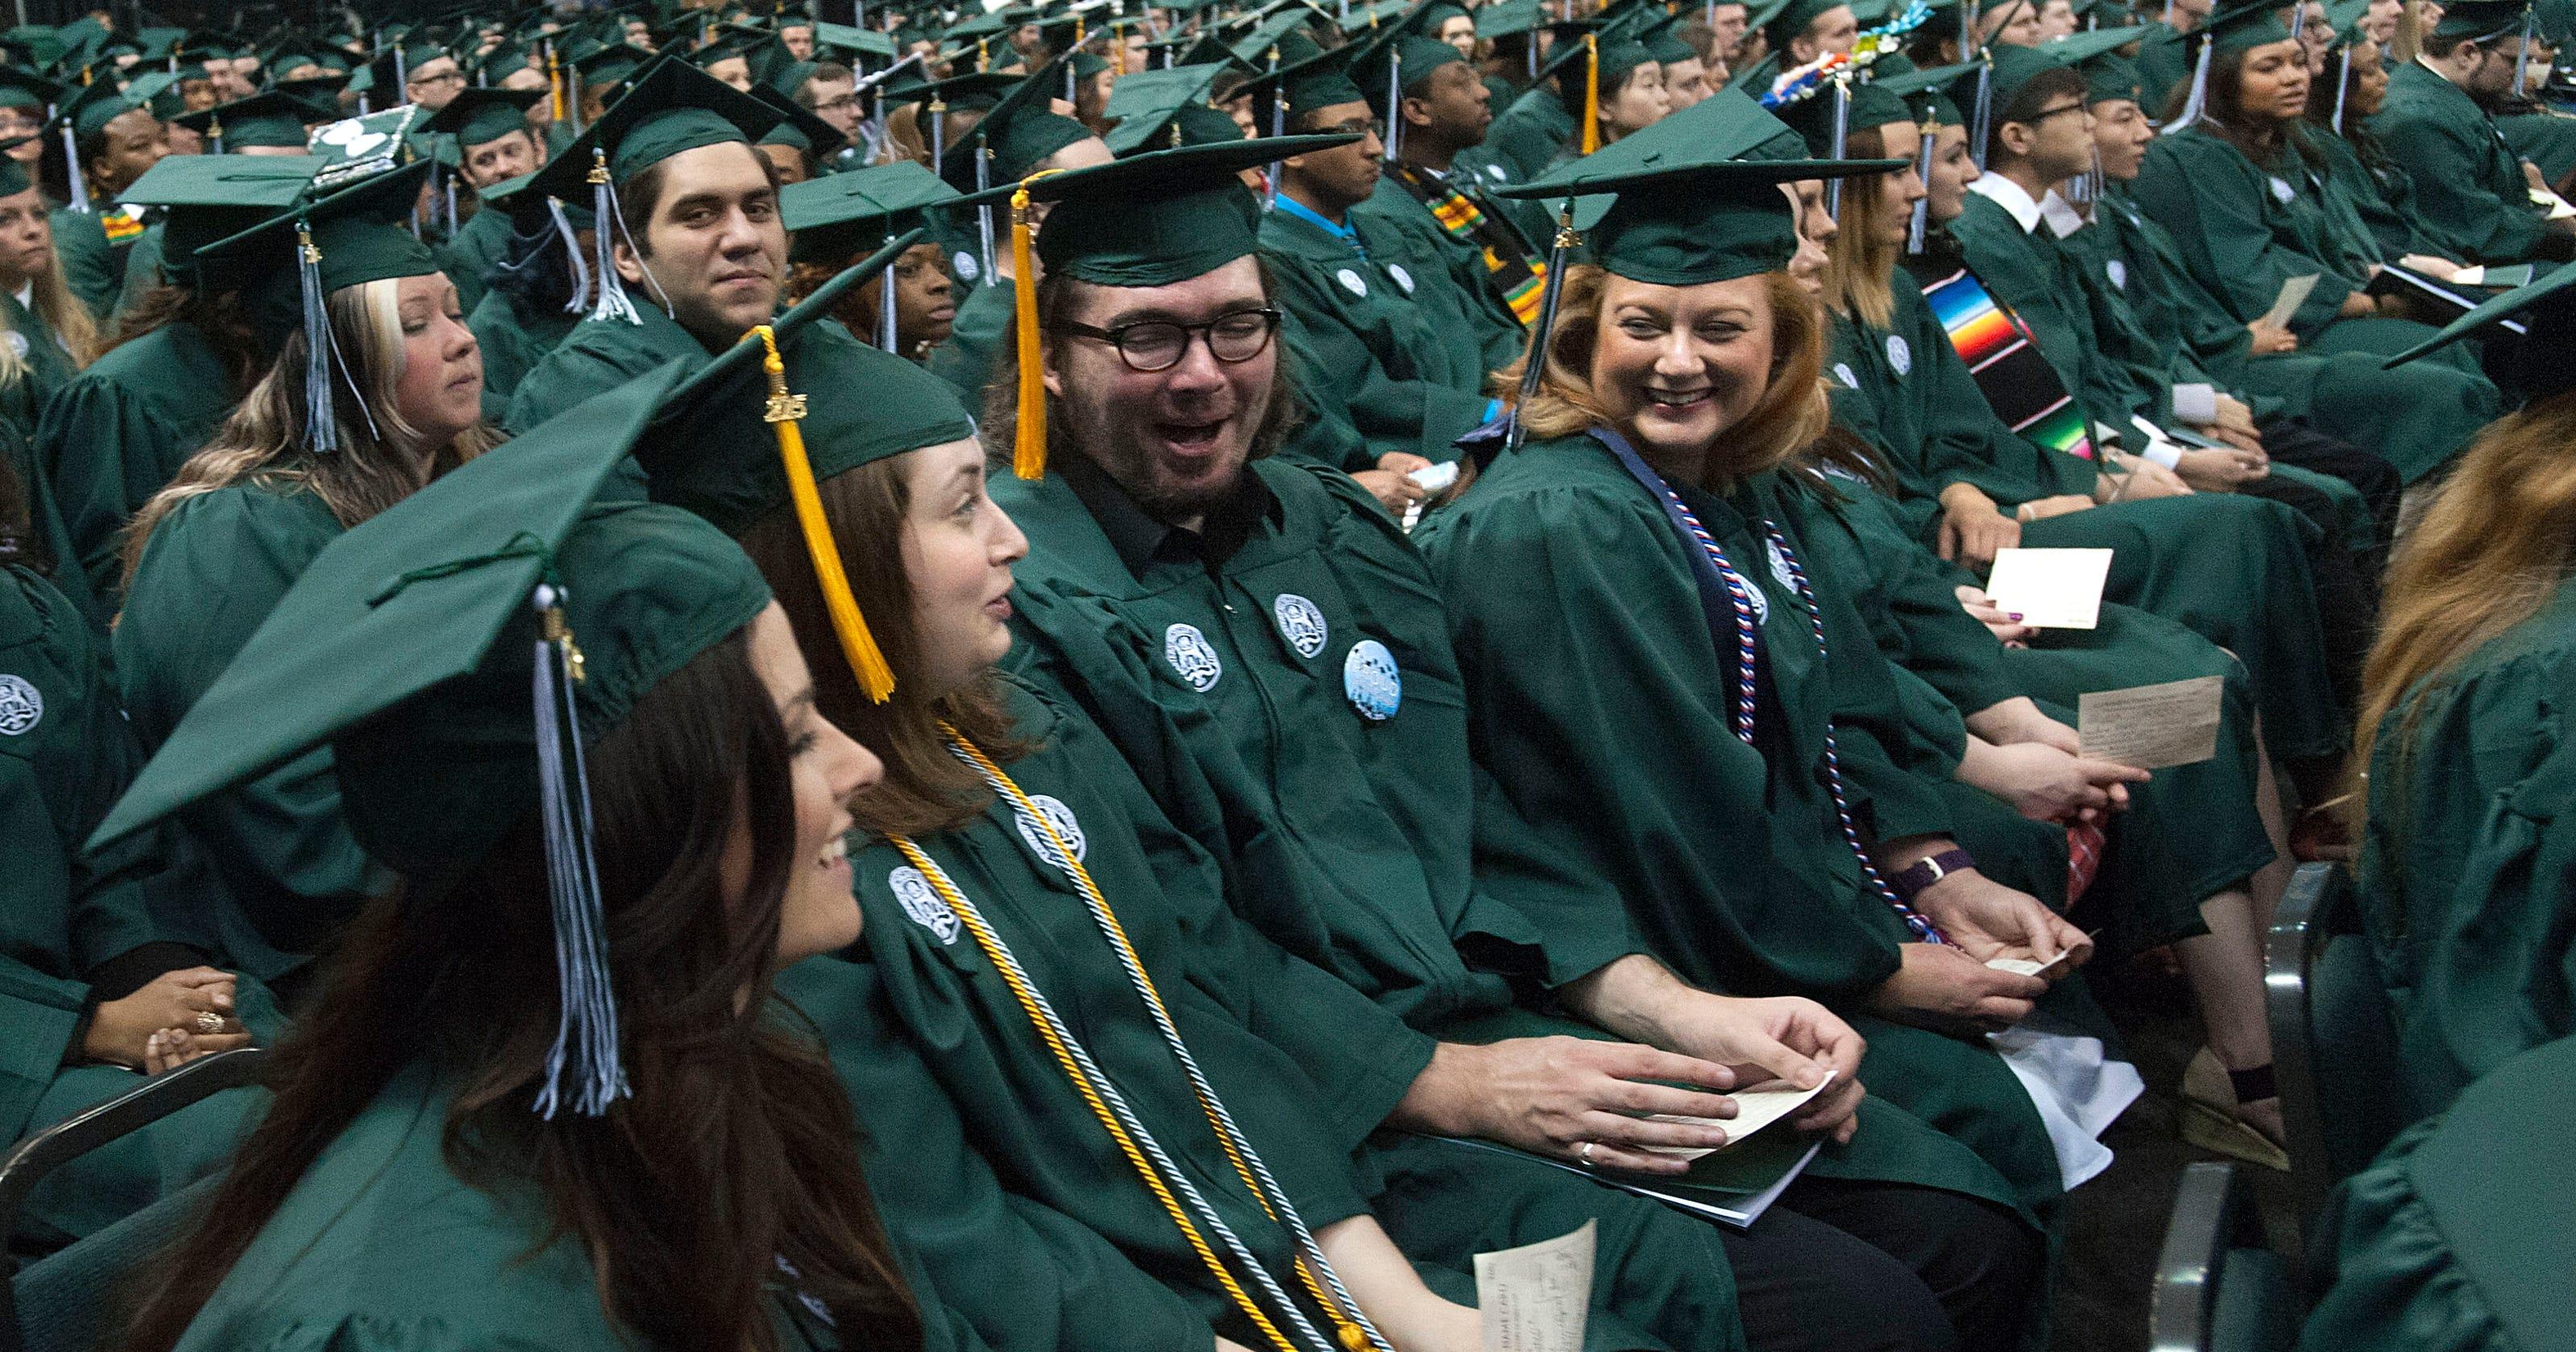 College graduation rates lag in Michigan